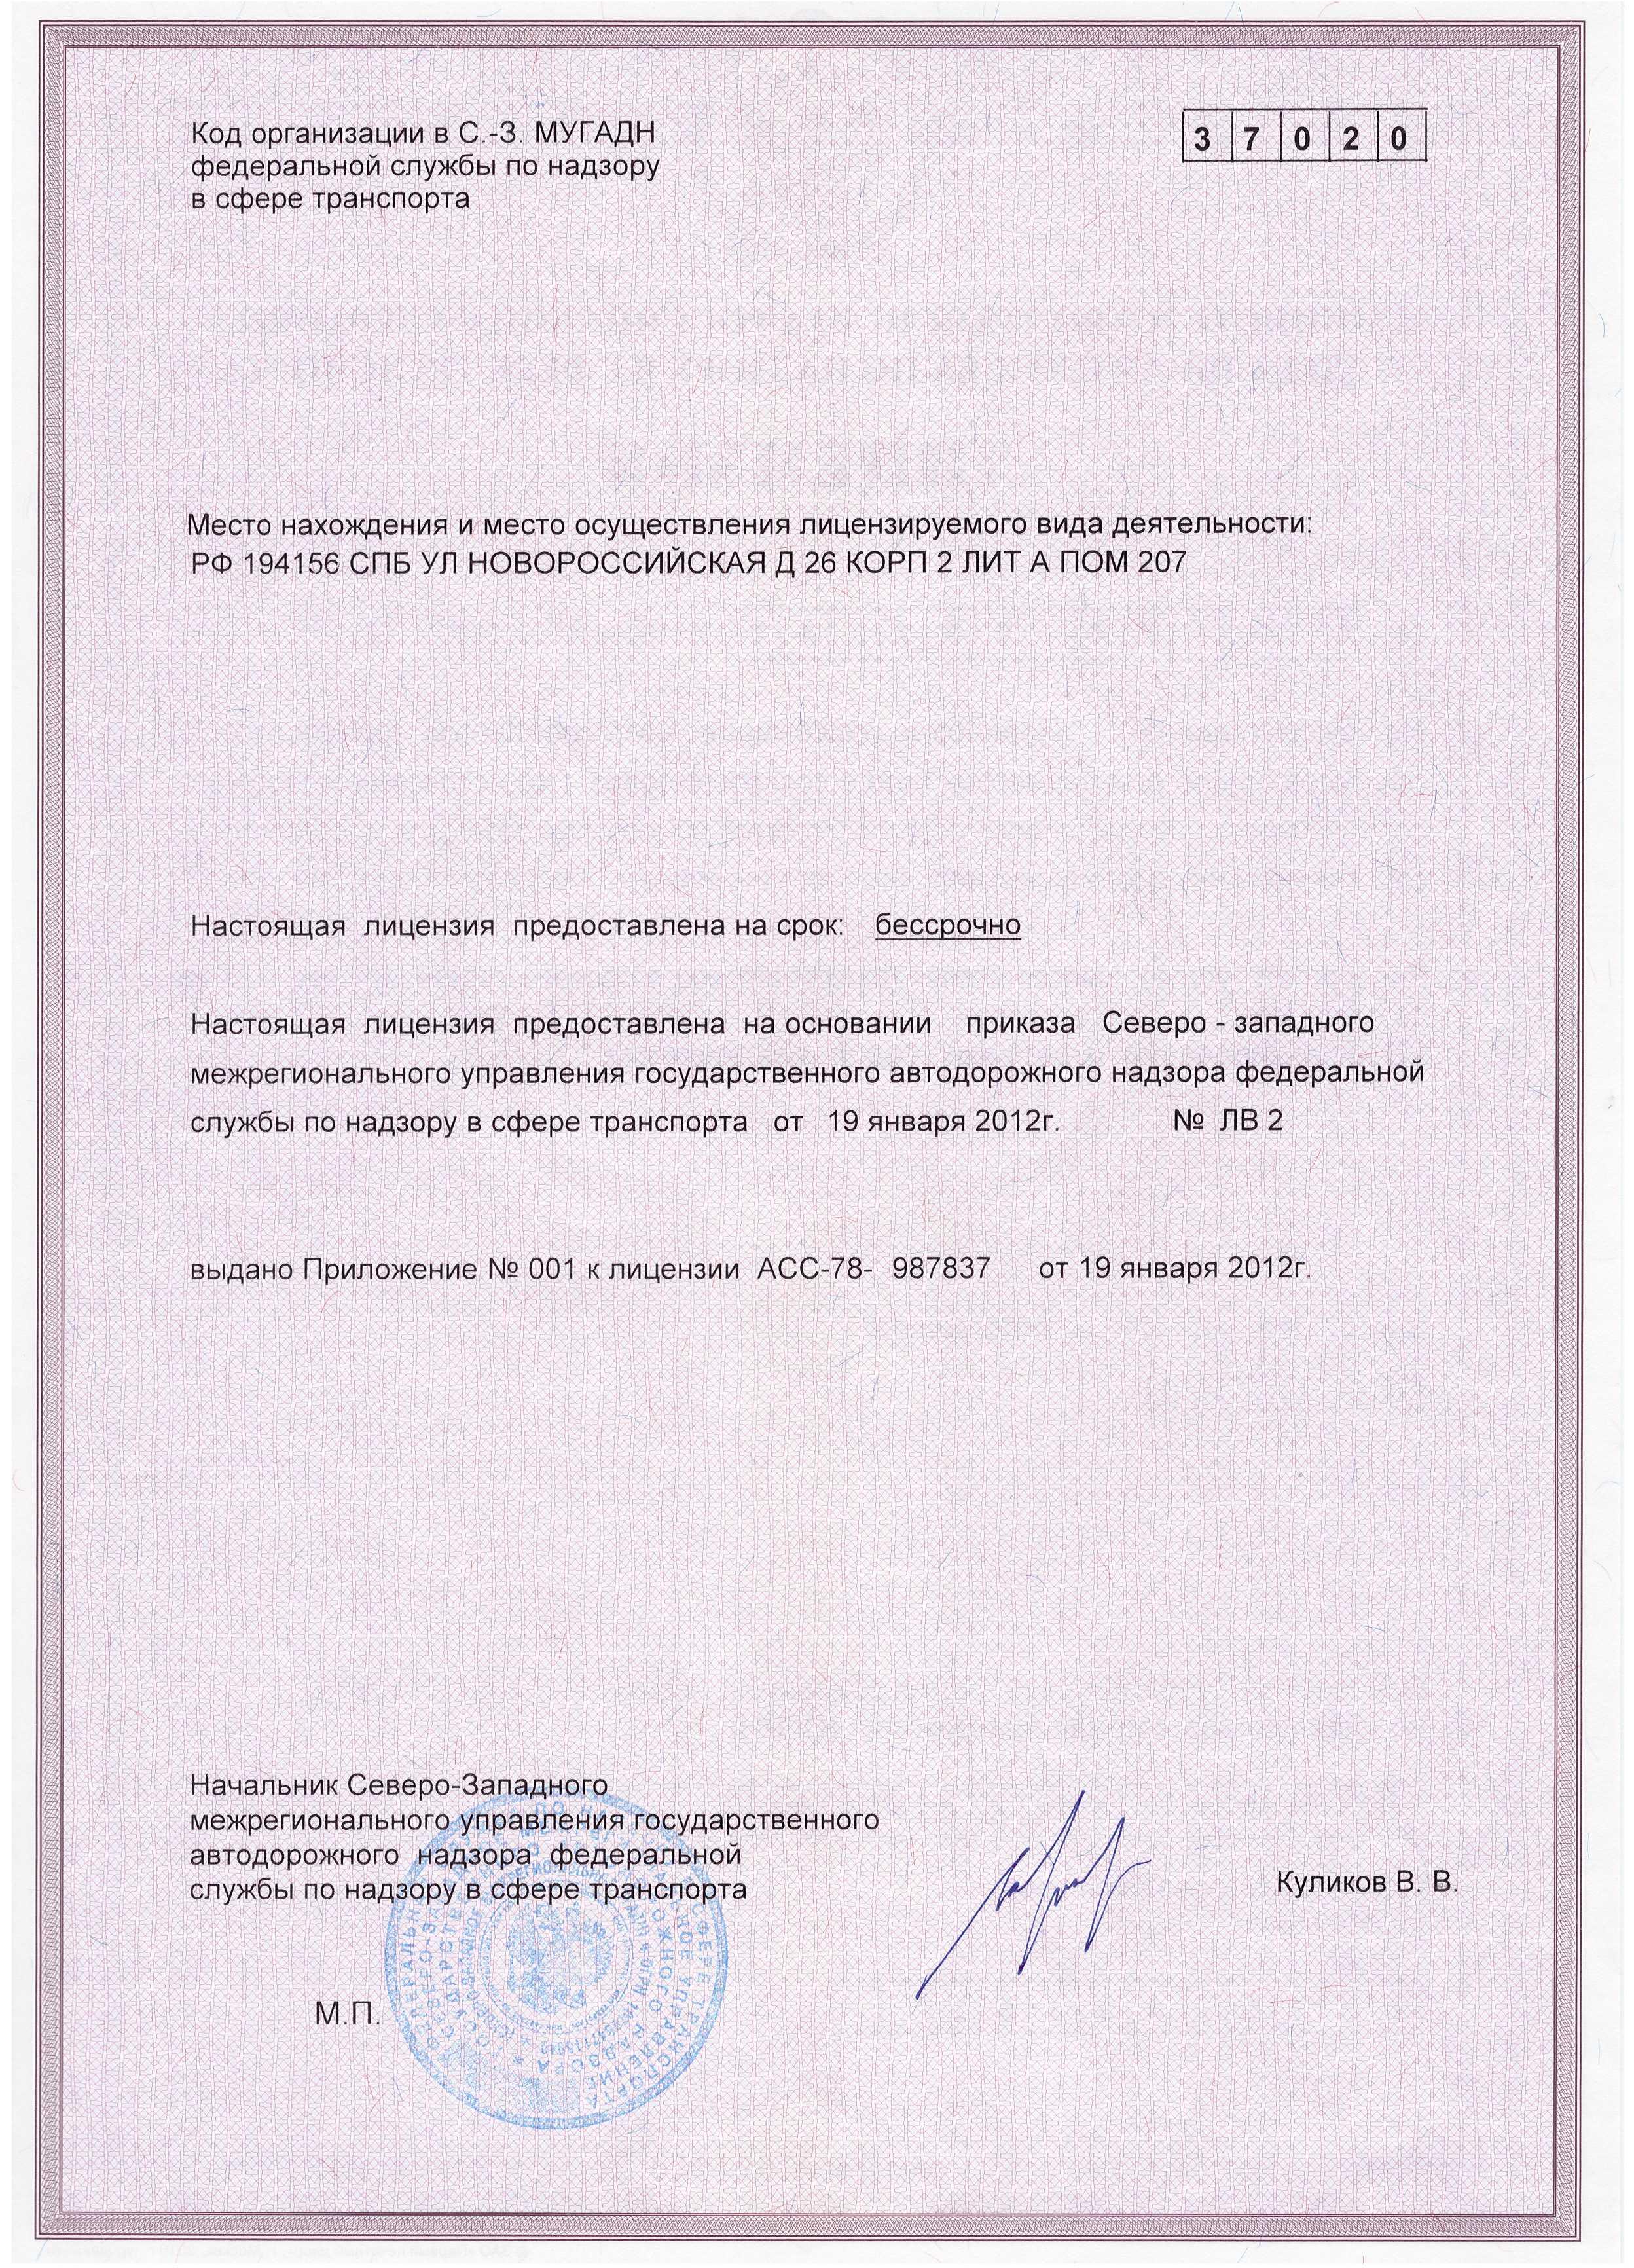 Лицензия на перевозку пассажиров Гостинн сторона 2